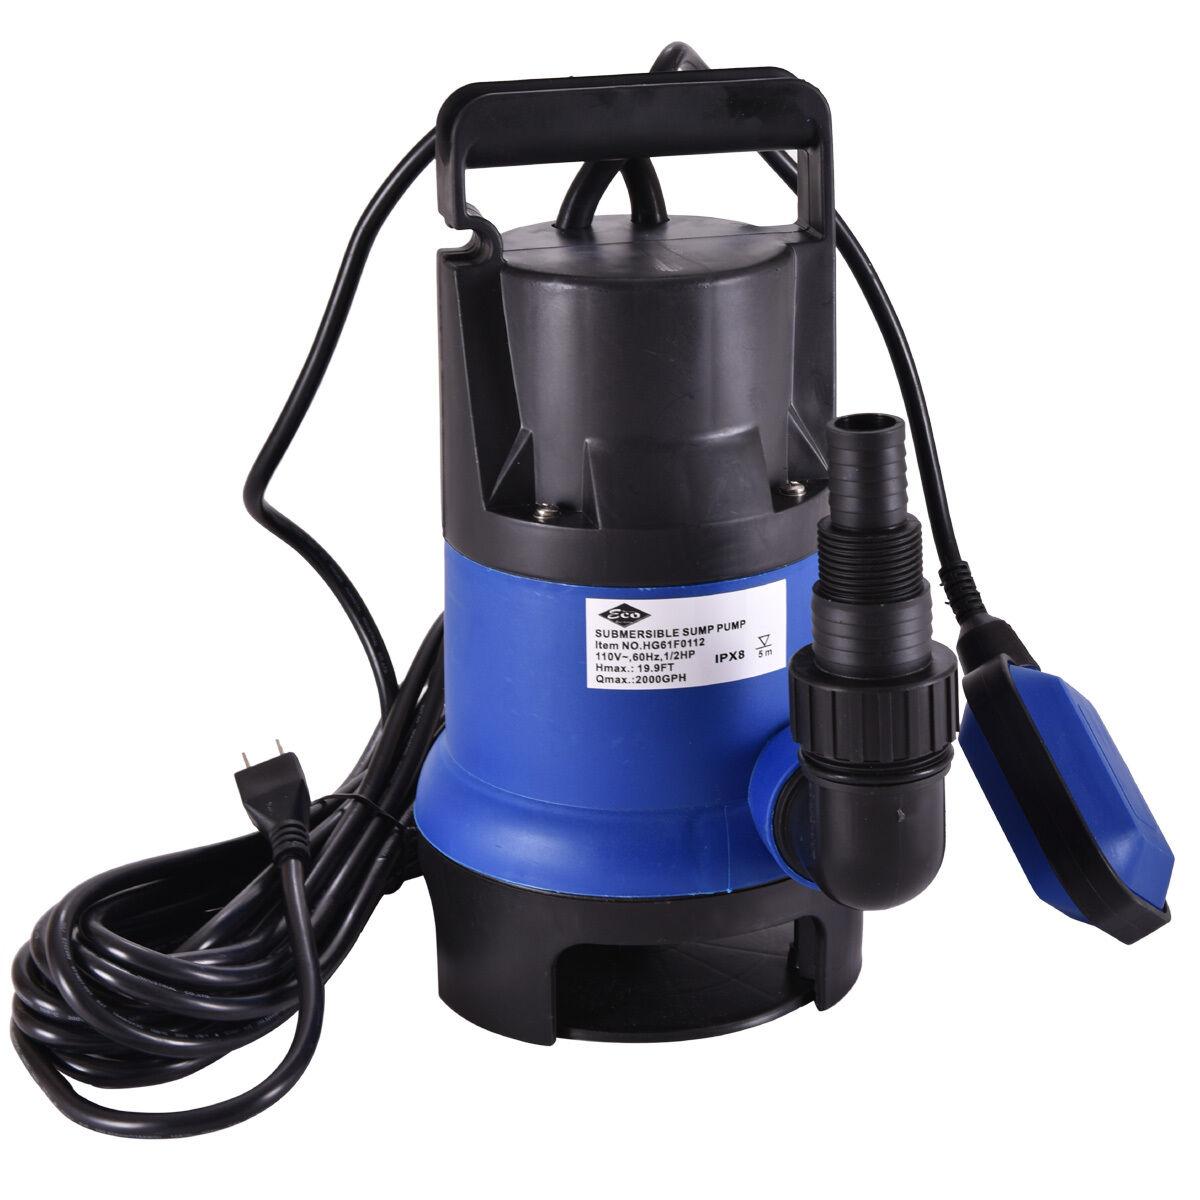 1/2 HP Submersible Water Pump 2000GPH Clean Swimming Pool Di